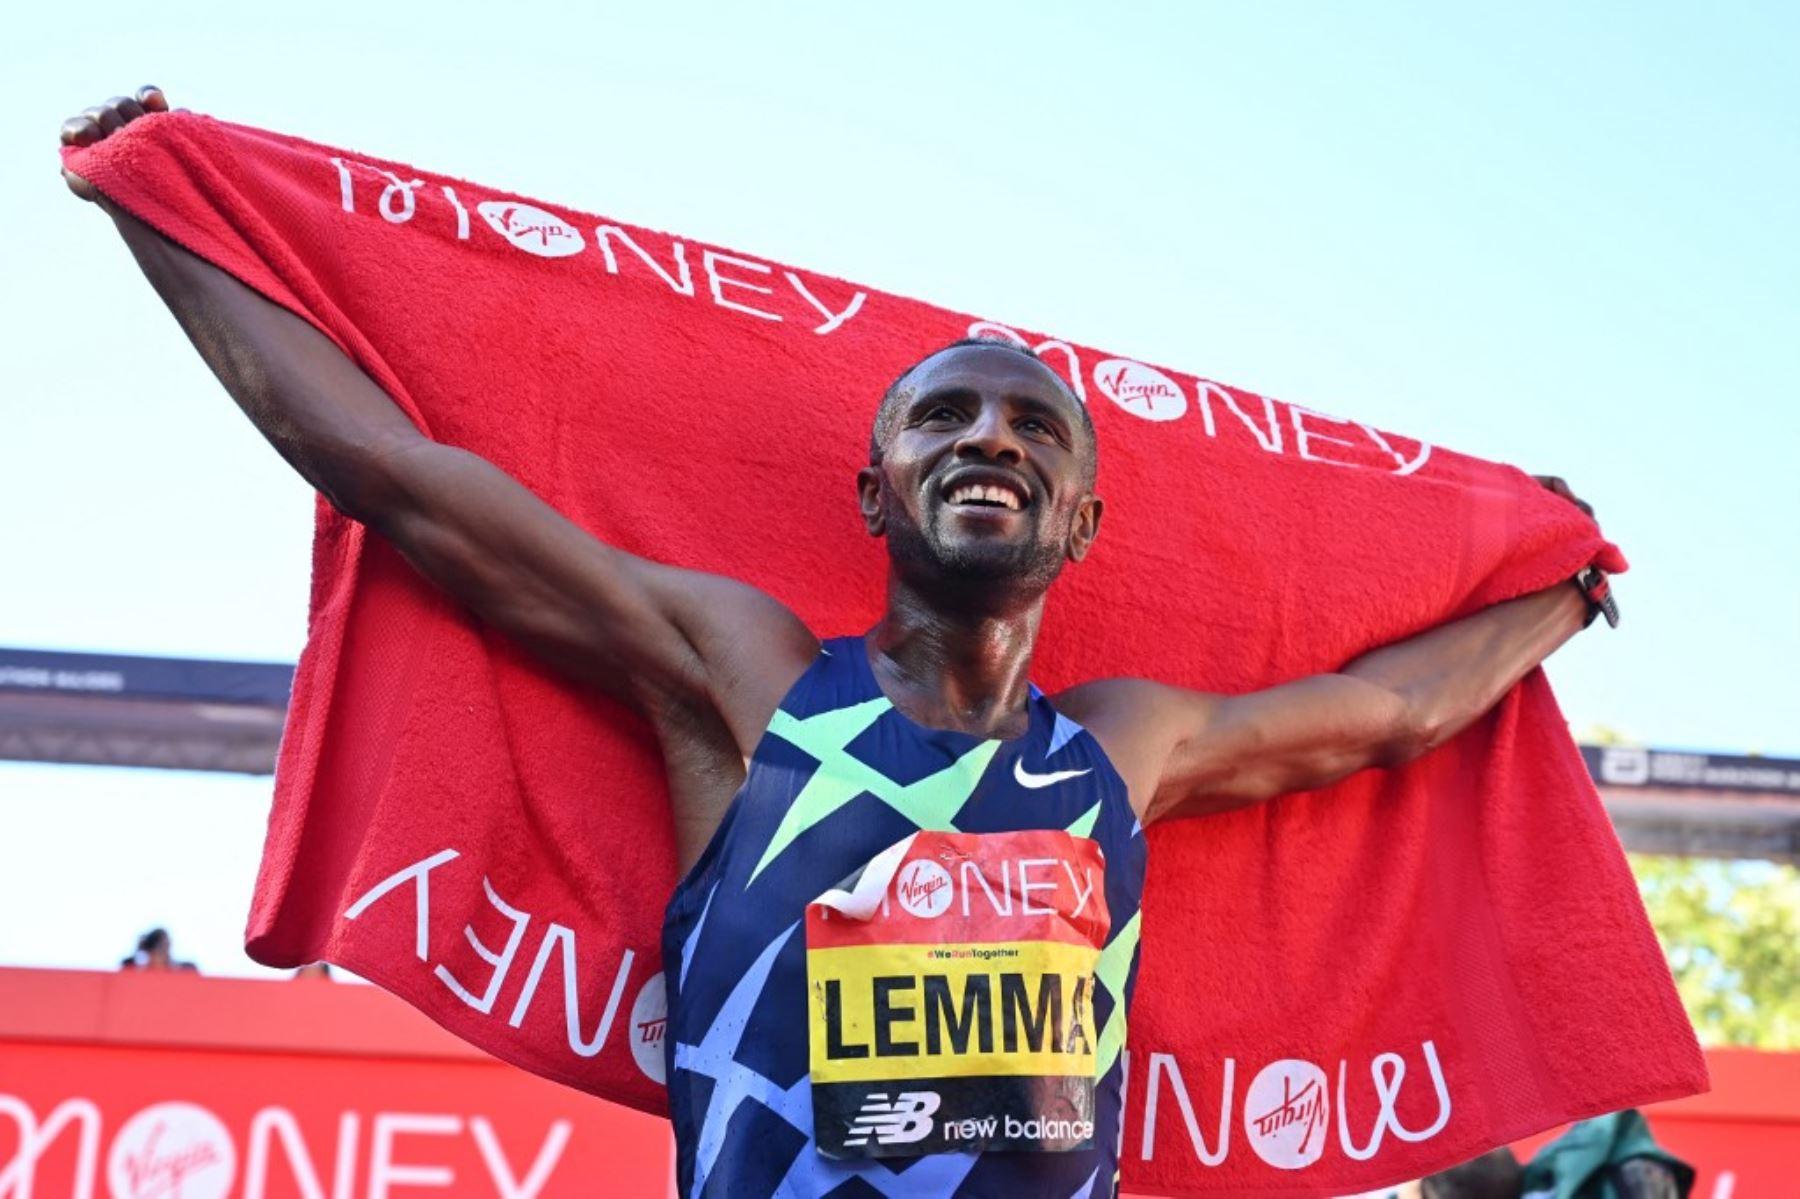 El etíope Lemma y la keniana Jepkosgei reinan en el maratón de Londres